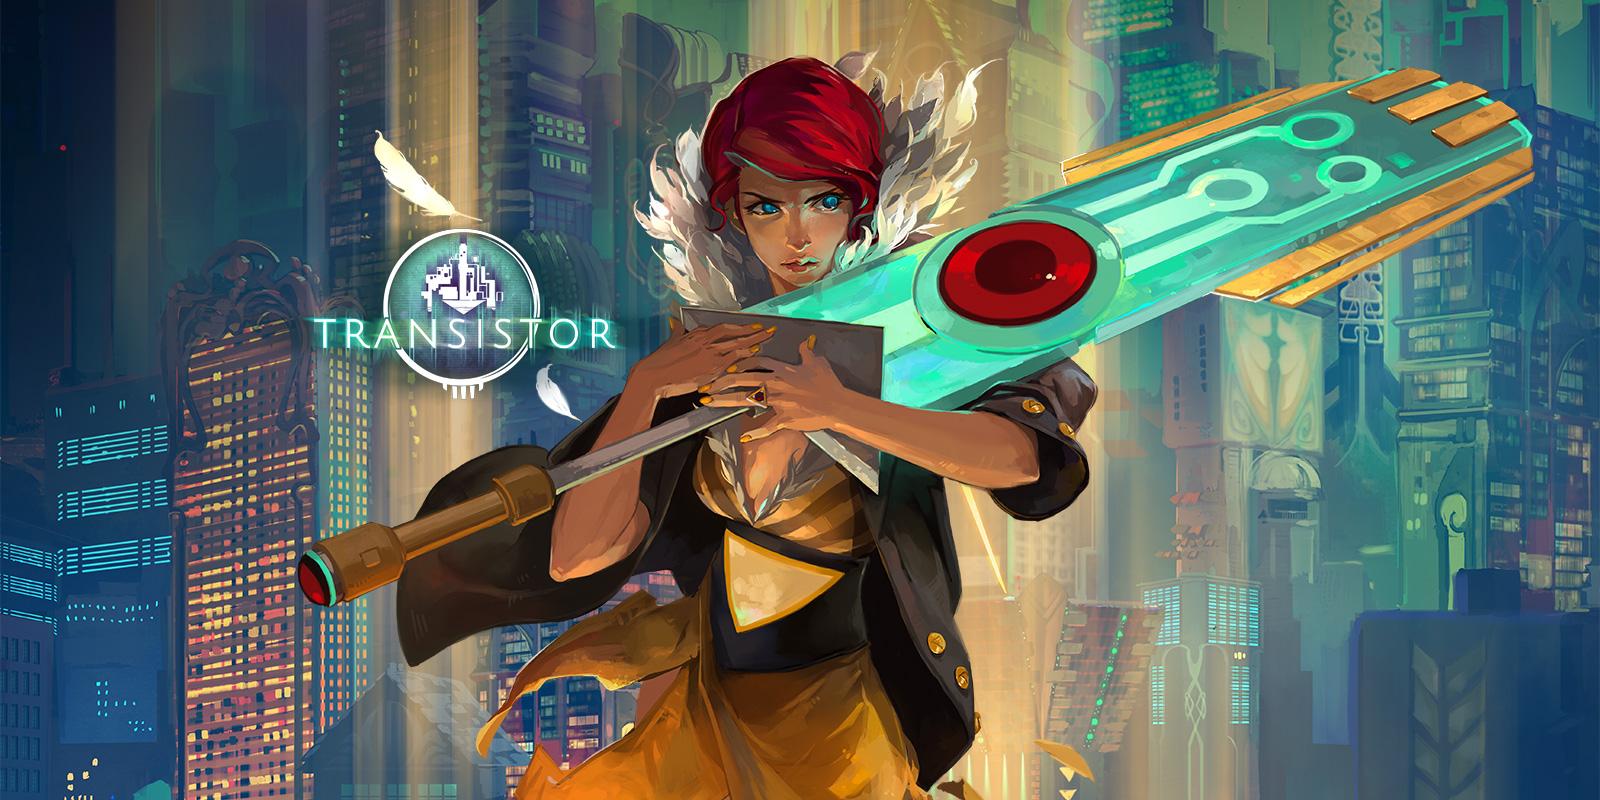 """""""Transistor"""" e o protagonismo feminino que não deixa a desejar"""